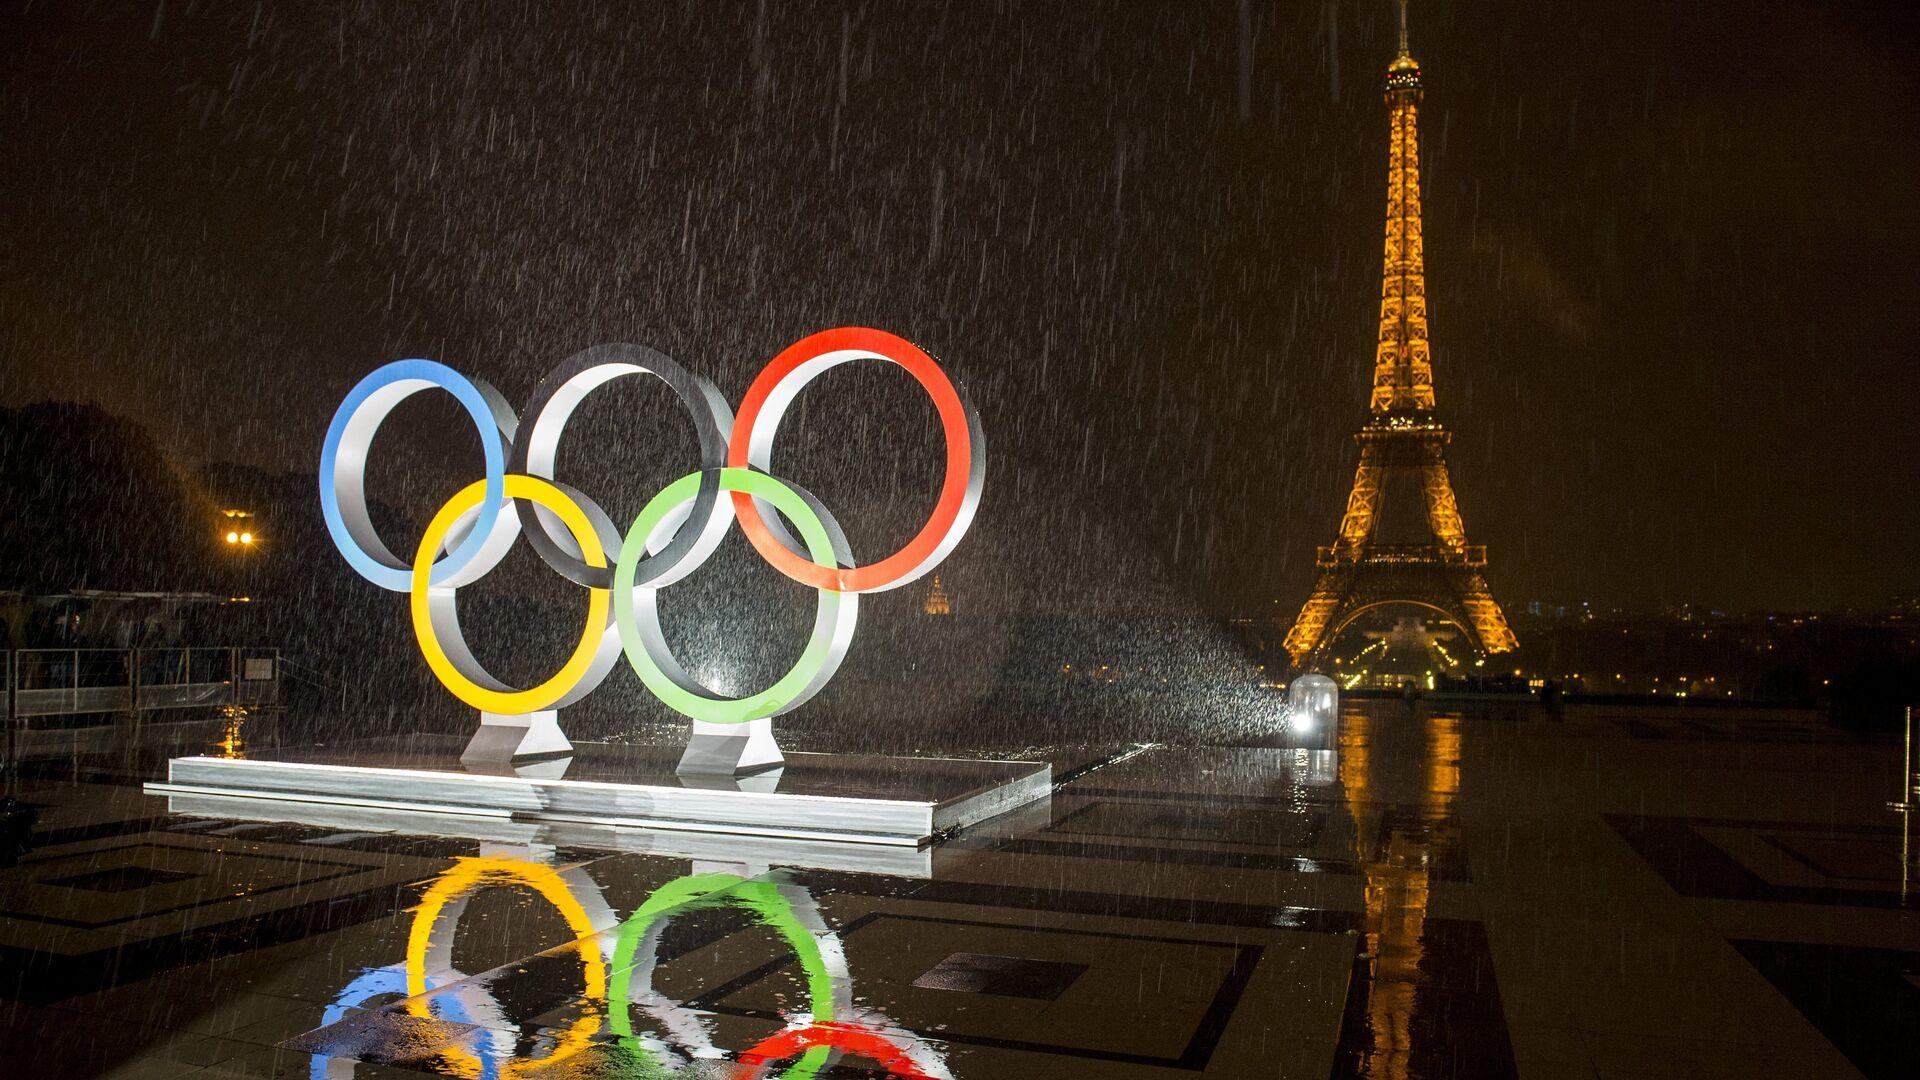 Париж выбран столицей летних Олимпийских игр 2024 - РИА Новости, 1920, 17.09.2021